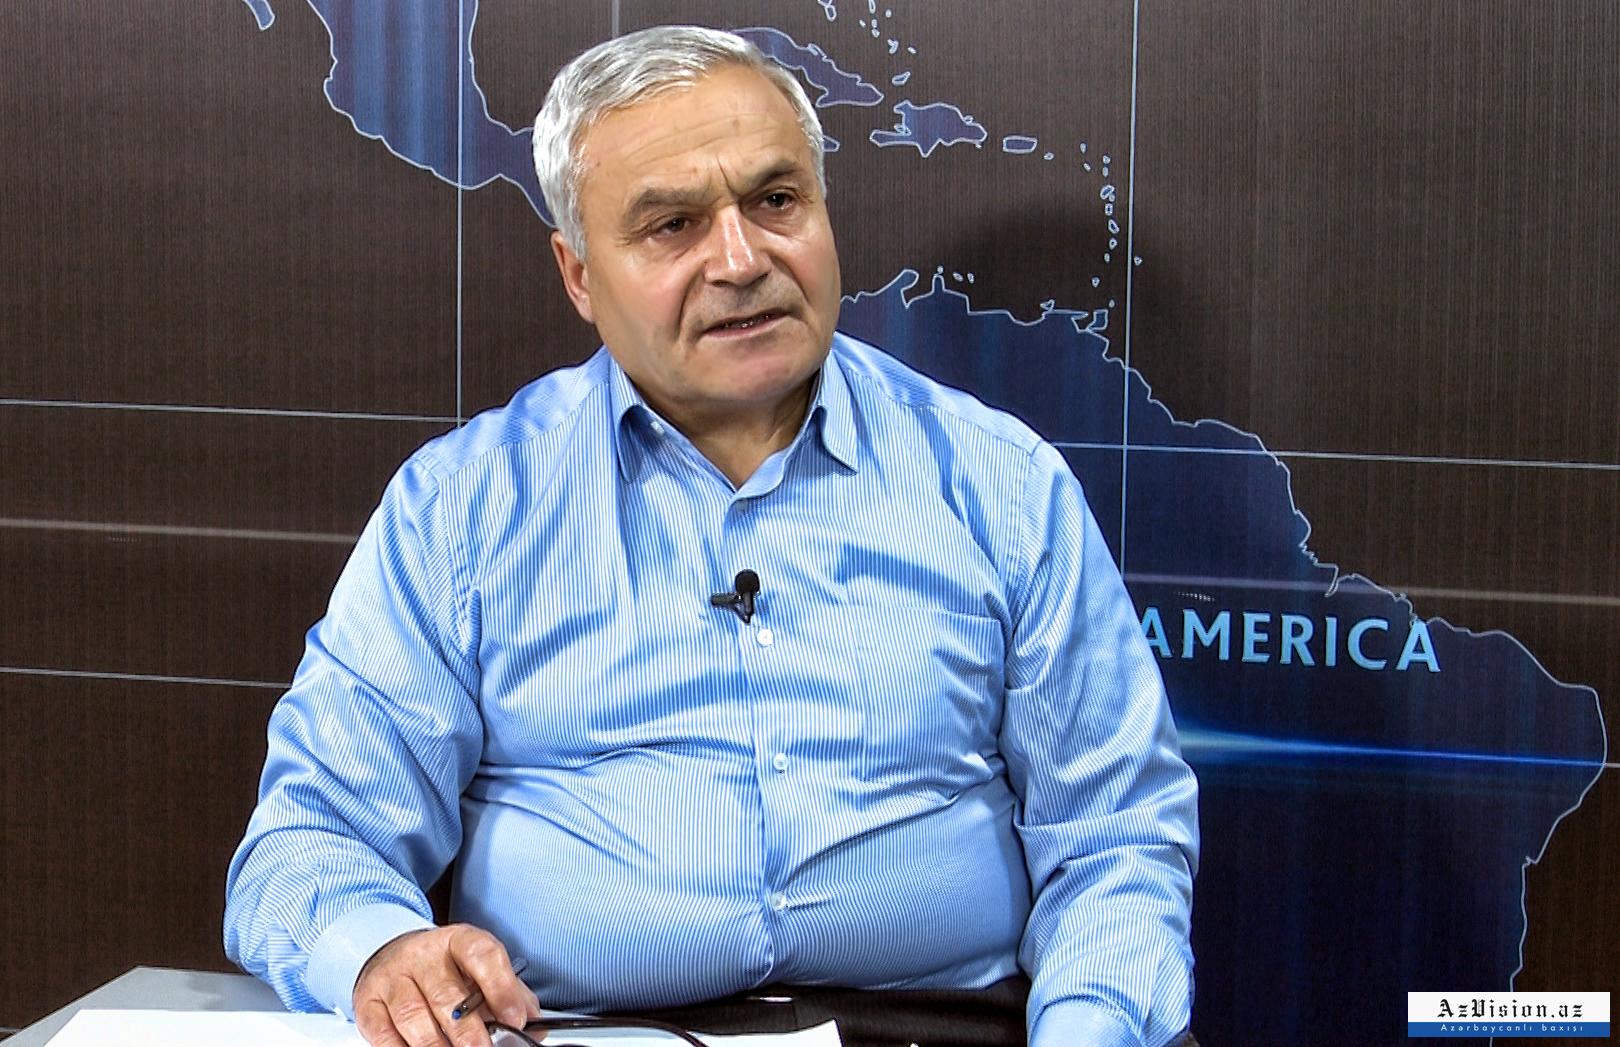 """AXCP-nin sabiq funksioneri: """"Əli Kərimli cəbhəçiləri şantaj edib mitinqlərə çıxarırdı"""" - VİDEO"""